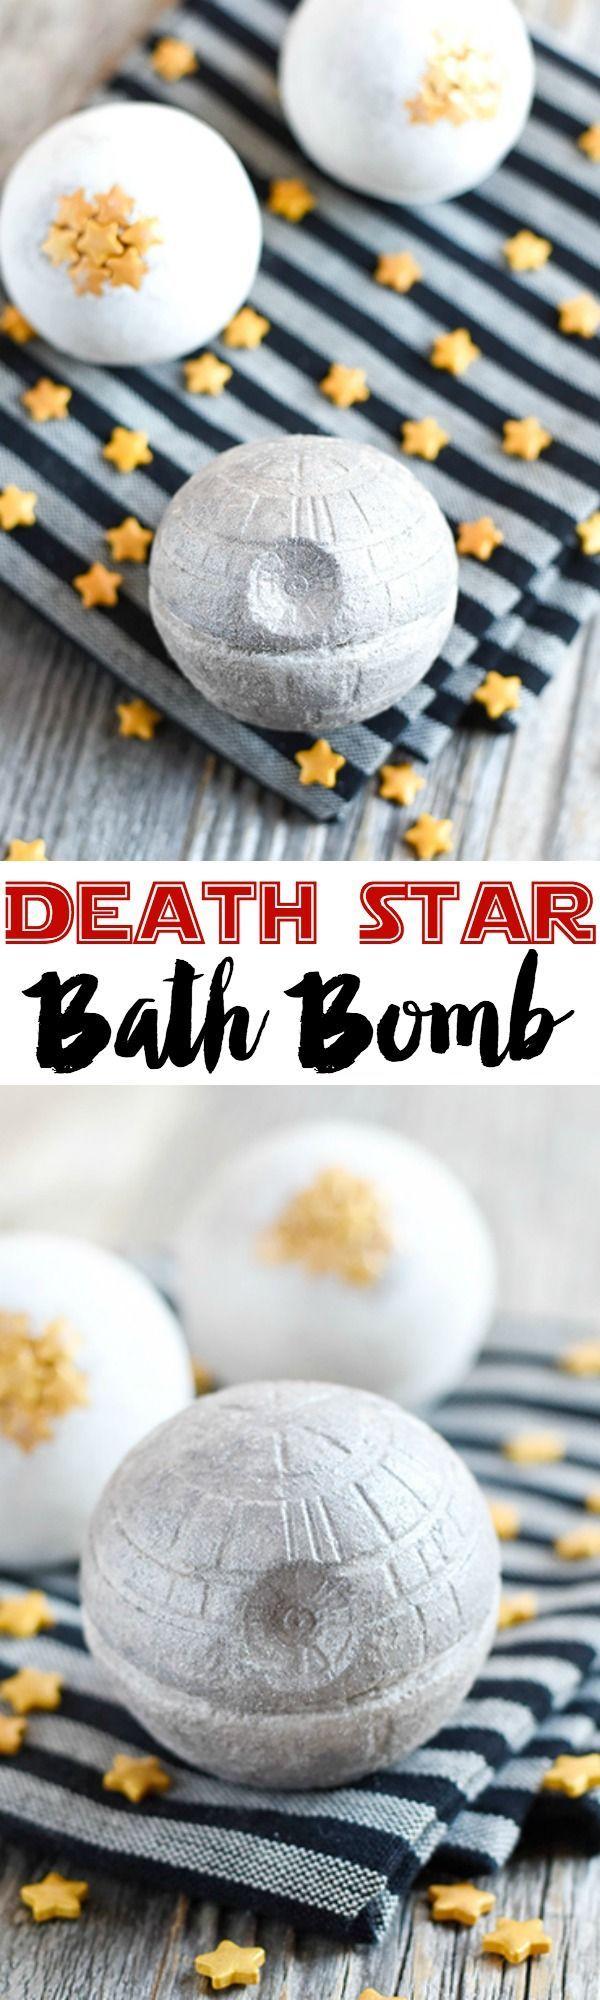 DIY Death Star Bath Bomb Tutorial - DIY Bath Bomb Recipes | Fun DIY Projects for Teens